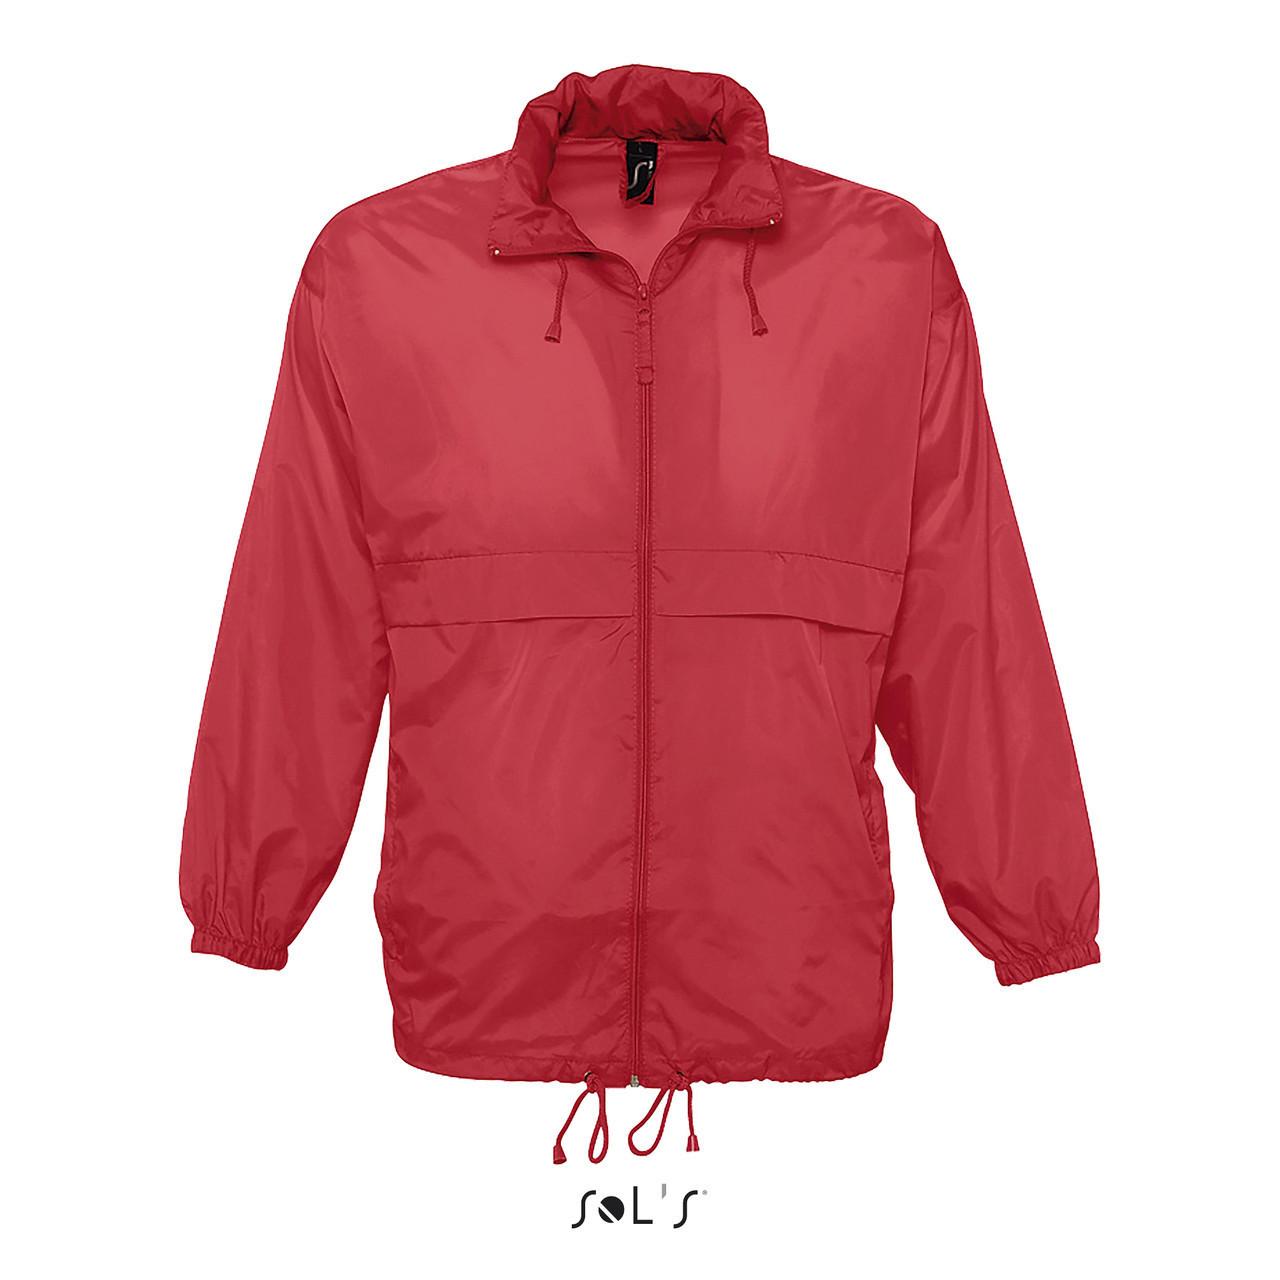 Водонепроницаемая ветровка Sols Surf, Красная XL